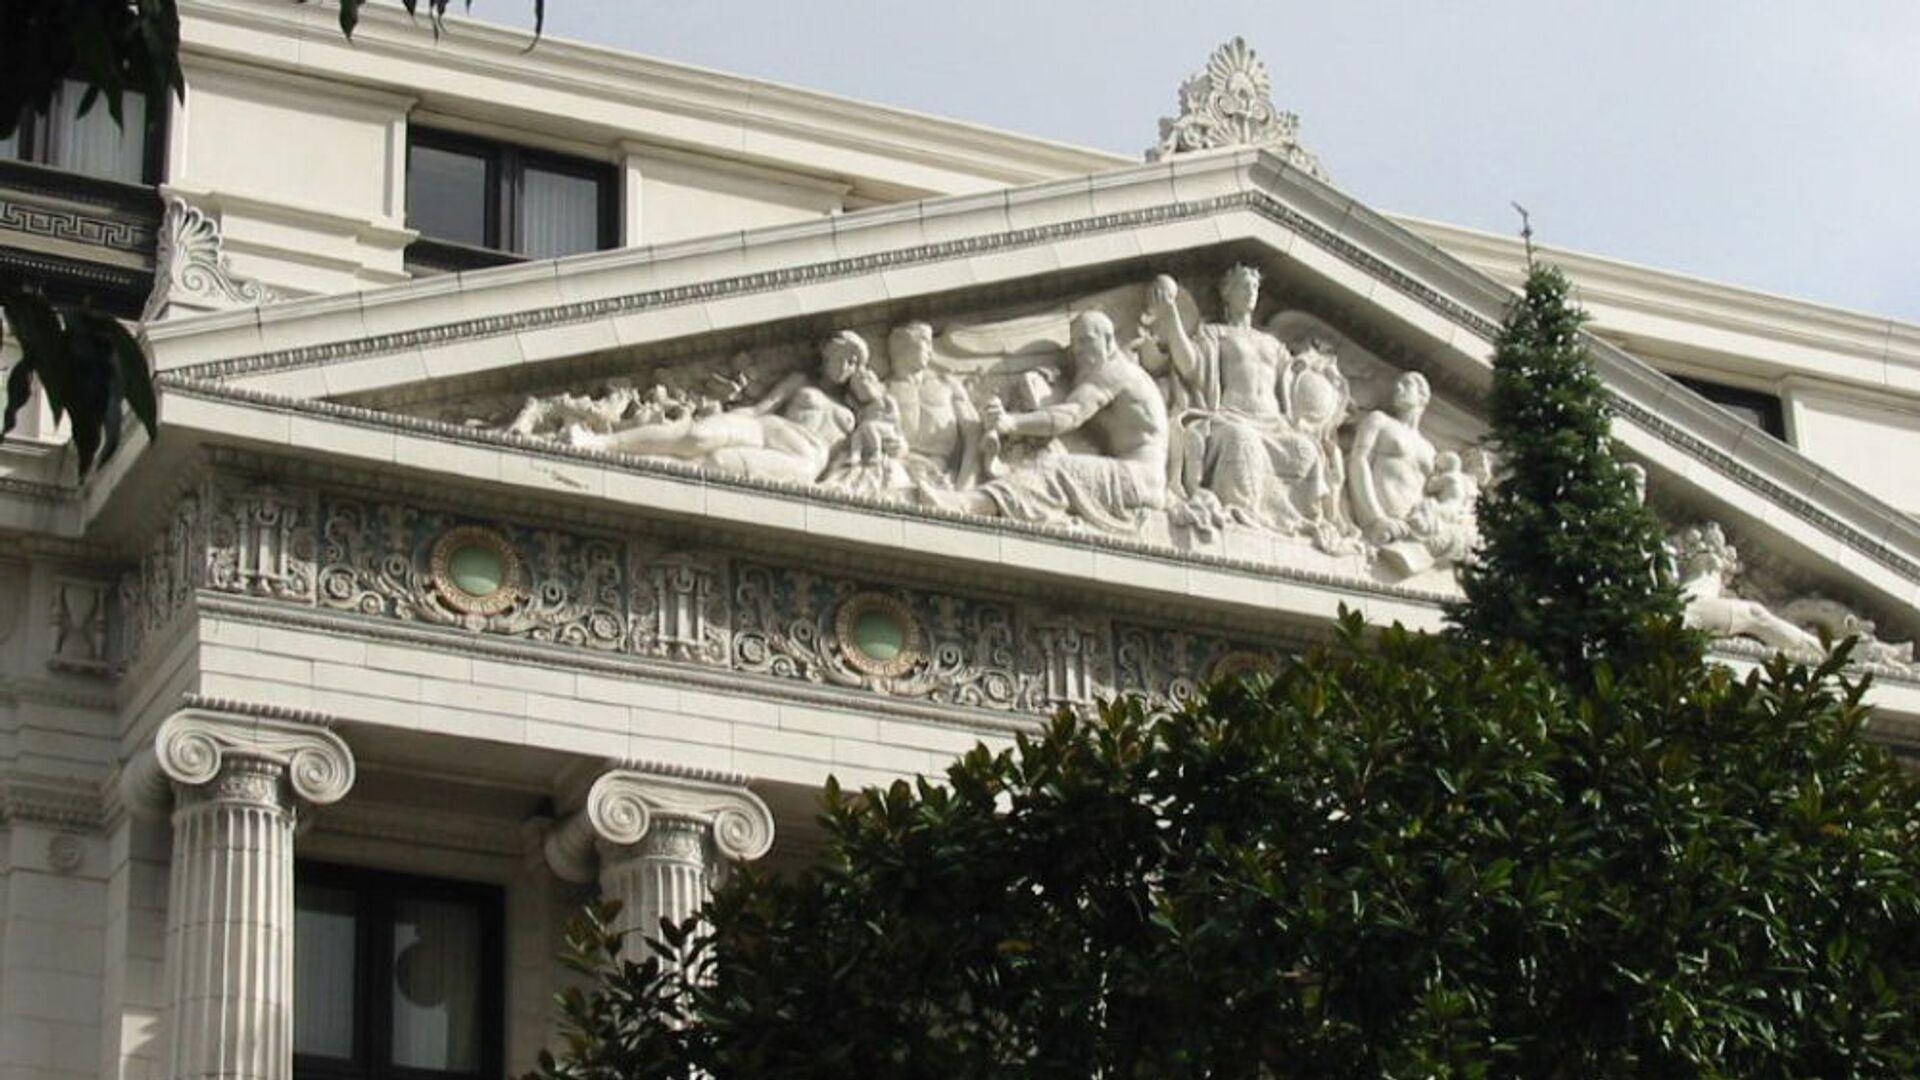 Деталь картины, вырезанной Хейгом Патигианом в 1919 году над главным входом в здание Метрополитен Лайф (ныне отель San Francisco Ritz Carlton) - Sputnik Արմենիա, 1920, 23.06.2021